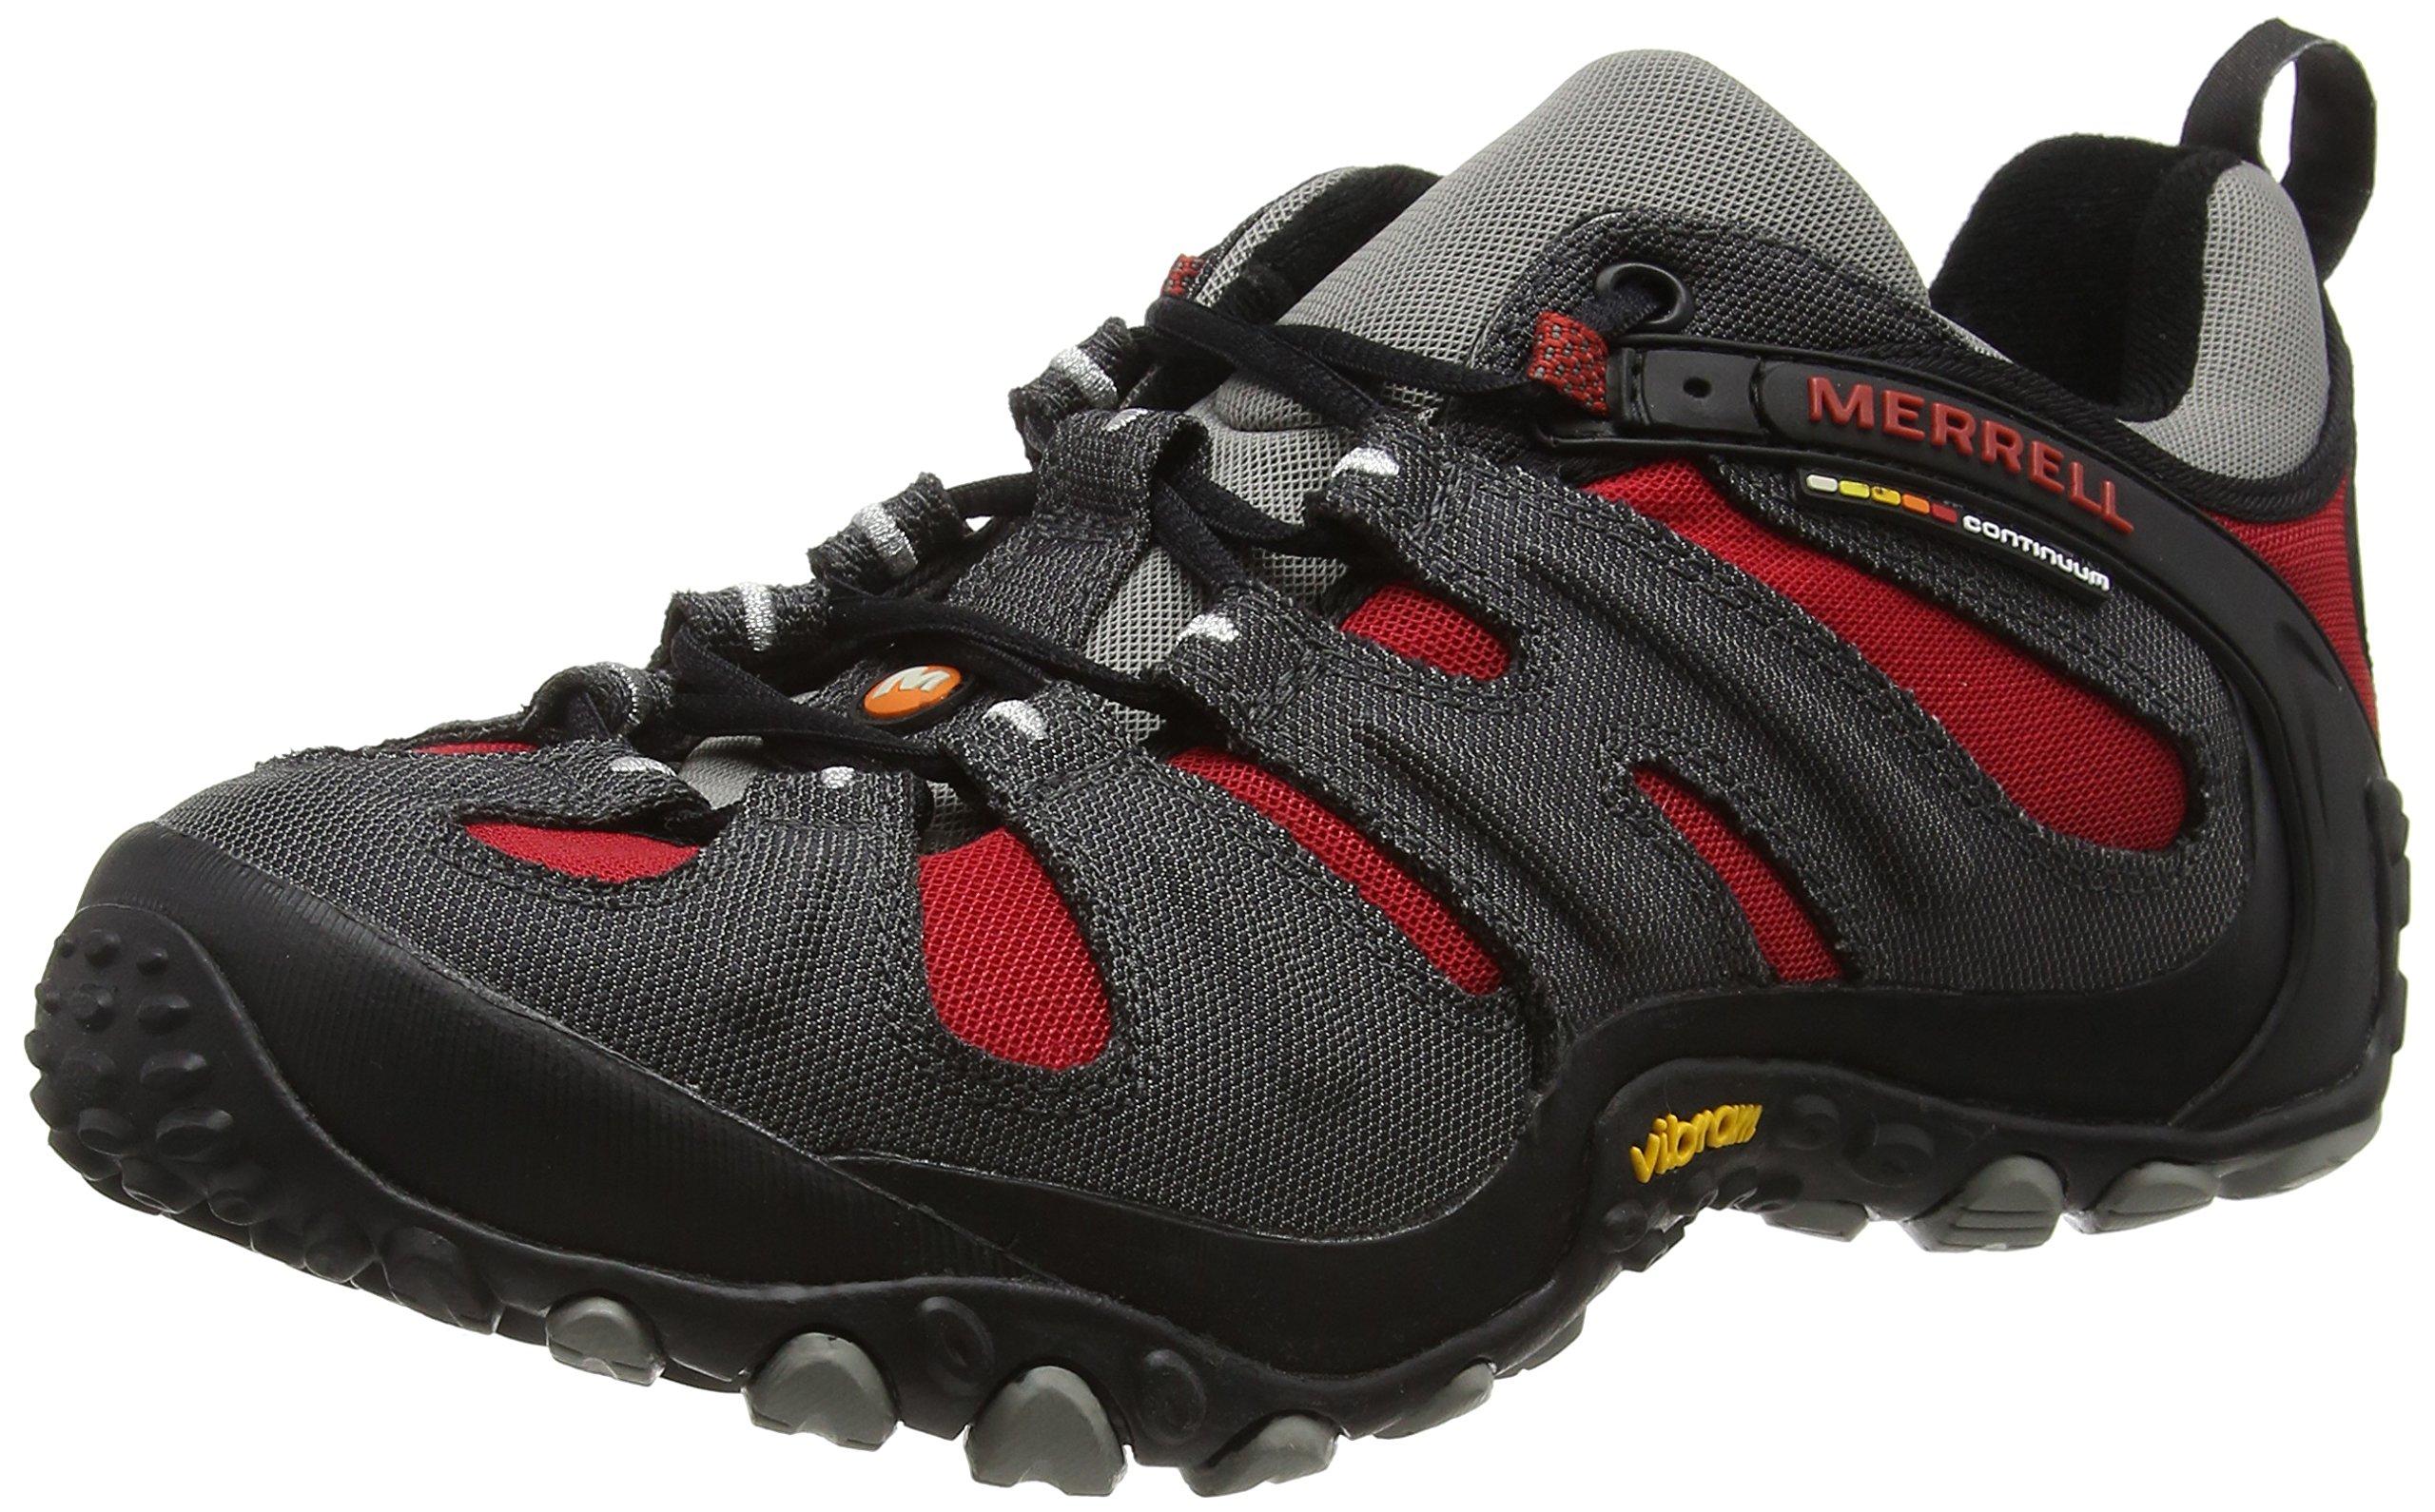 Merrell Men's Chameleon Slam II Walking Shoe, Charcoal Red - 9 D(M) US